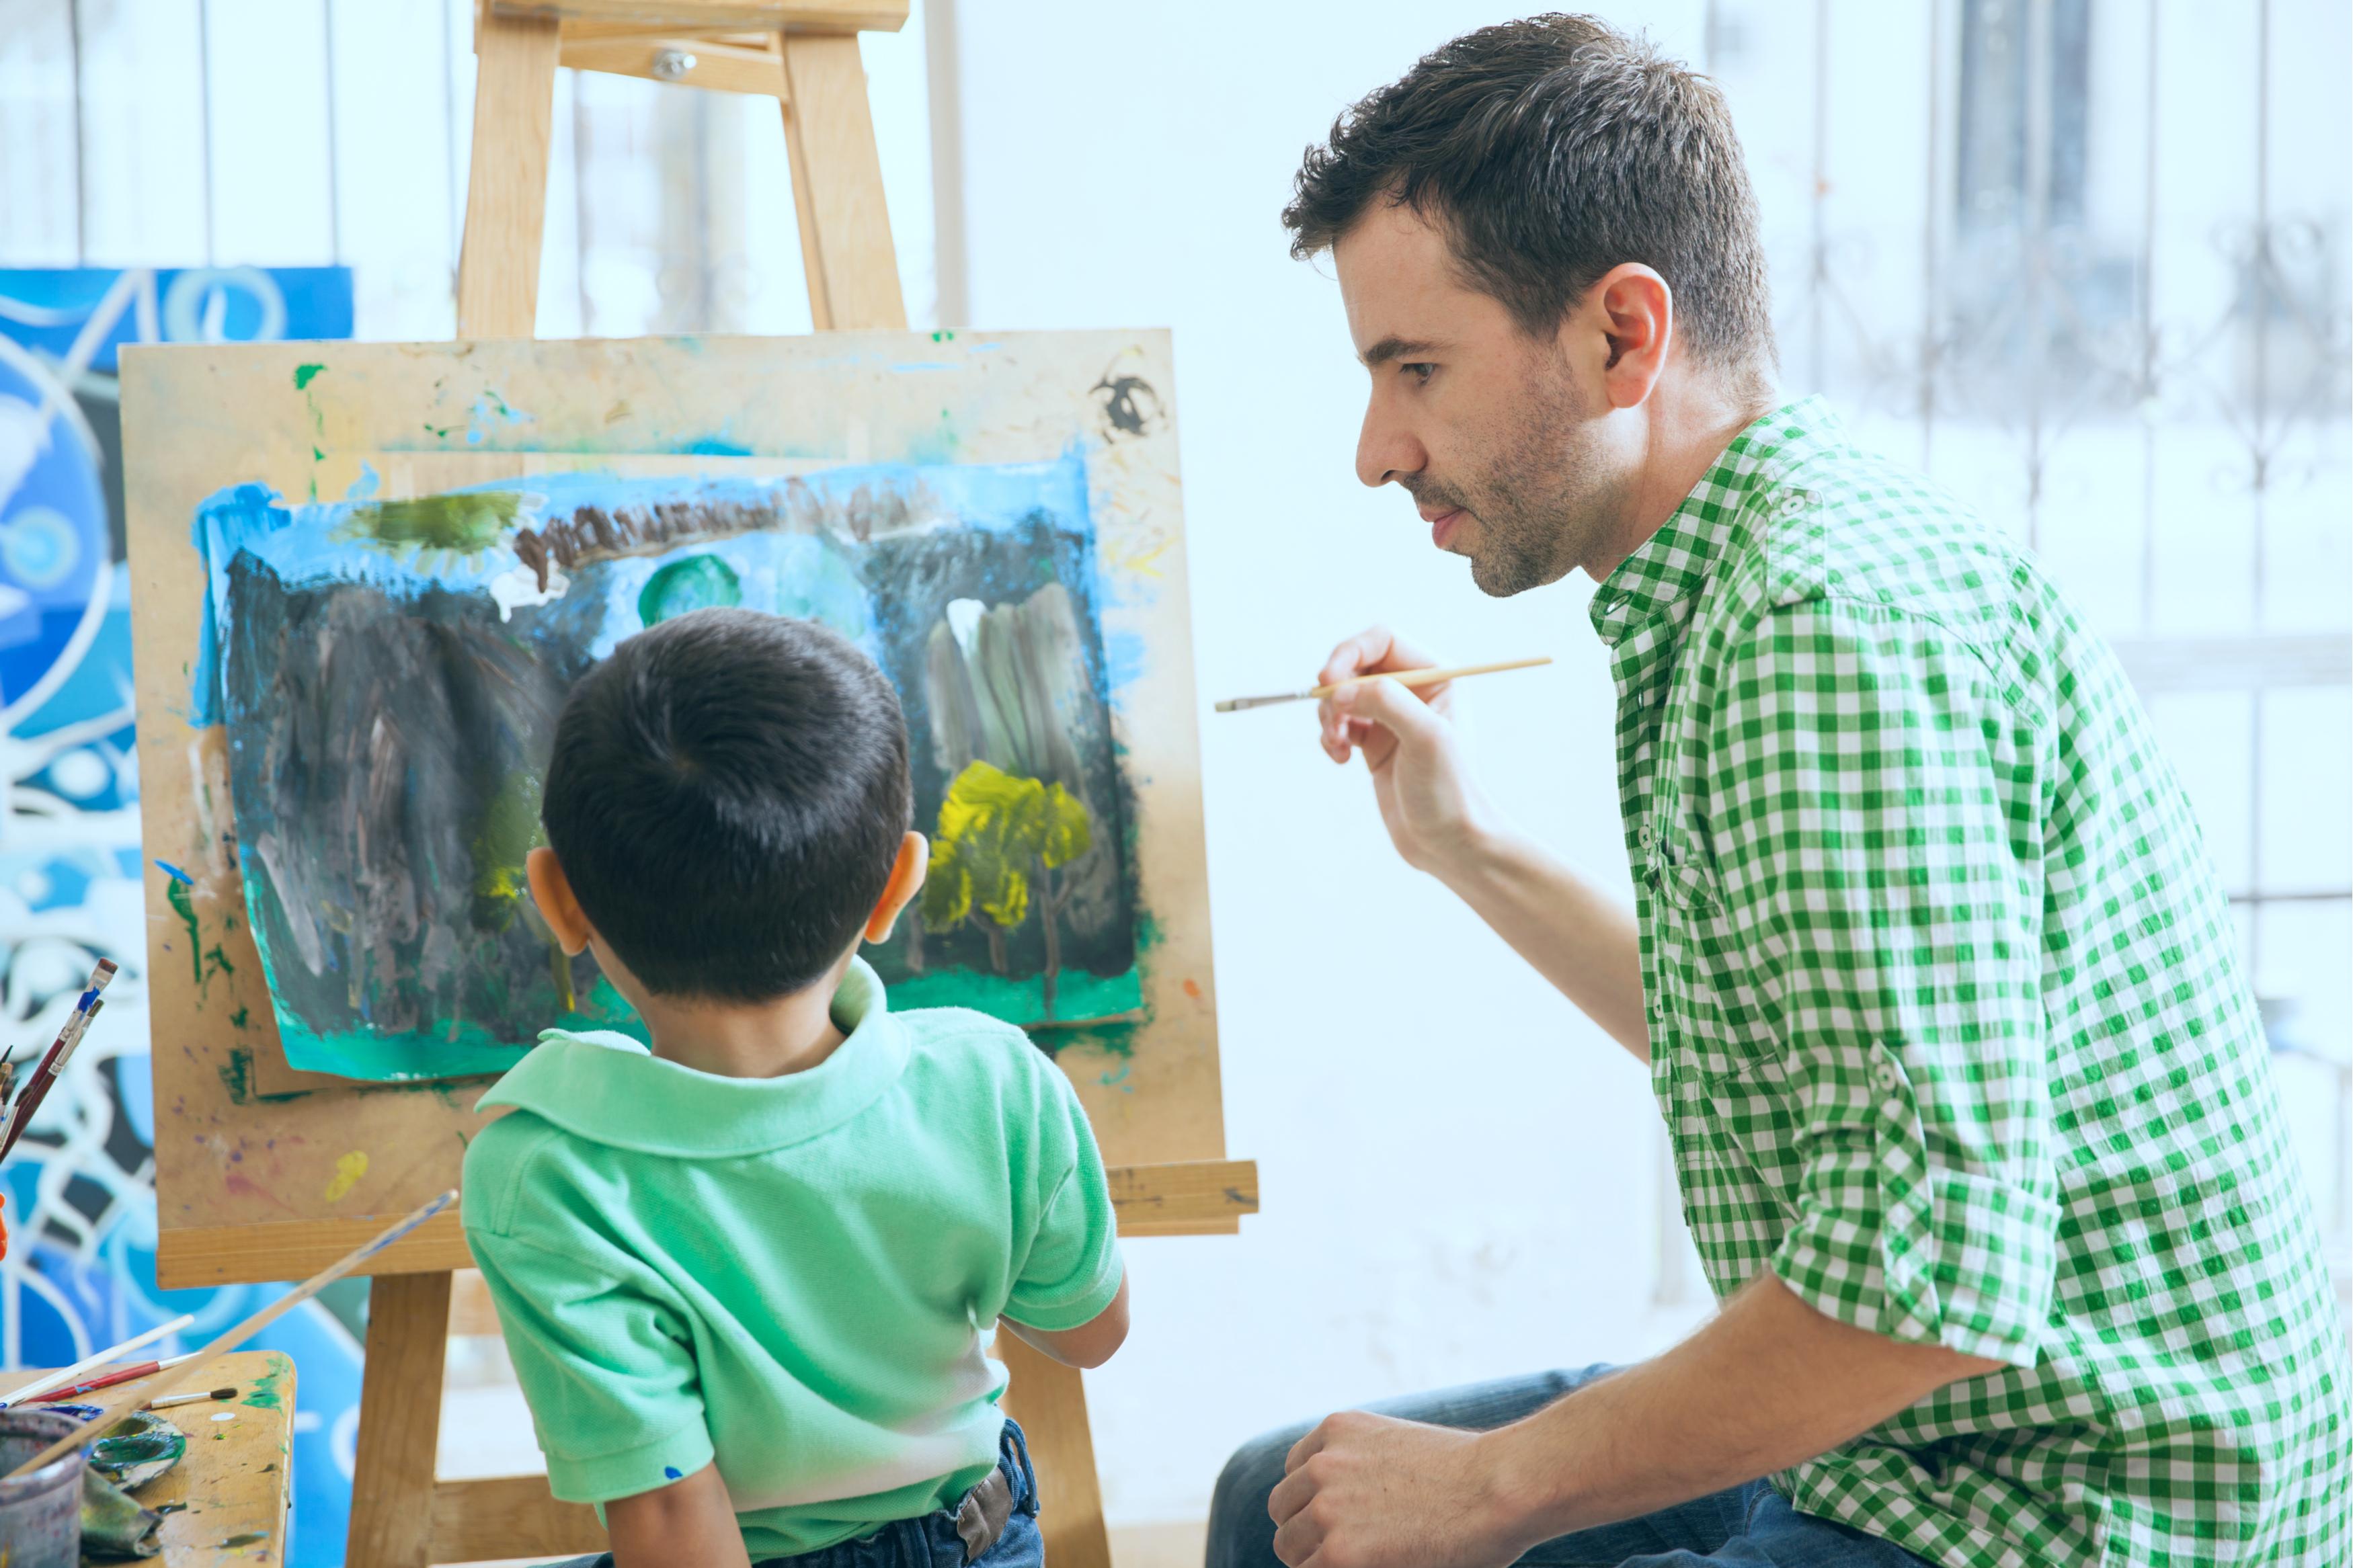 夏休みの「自由研究」6〜7割は親が手伝っていたことが判明